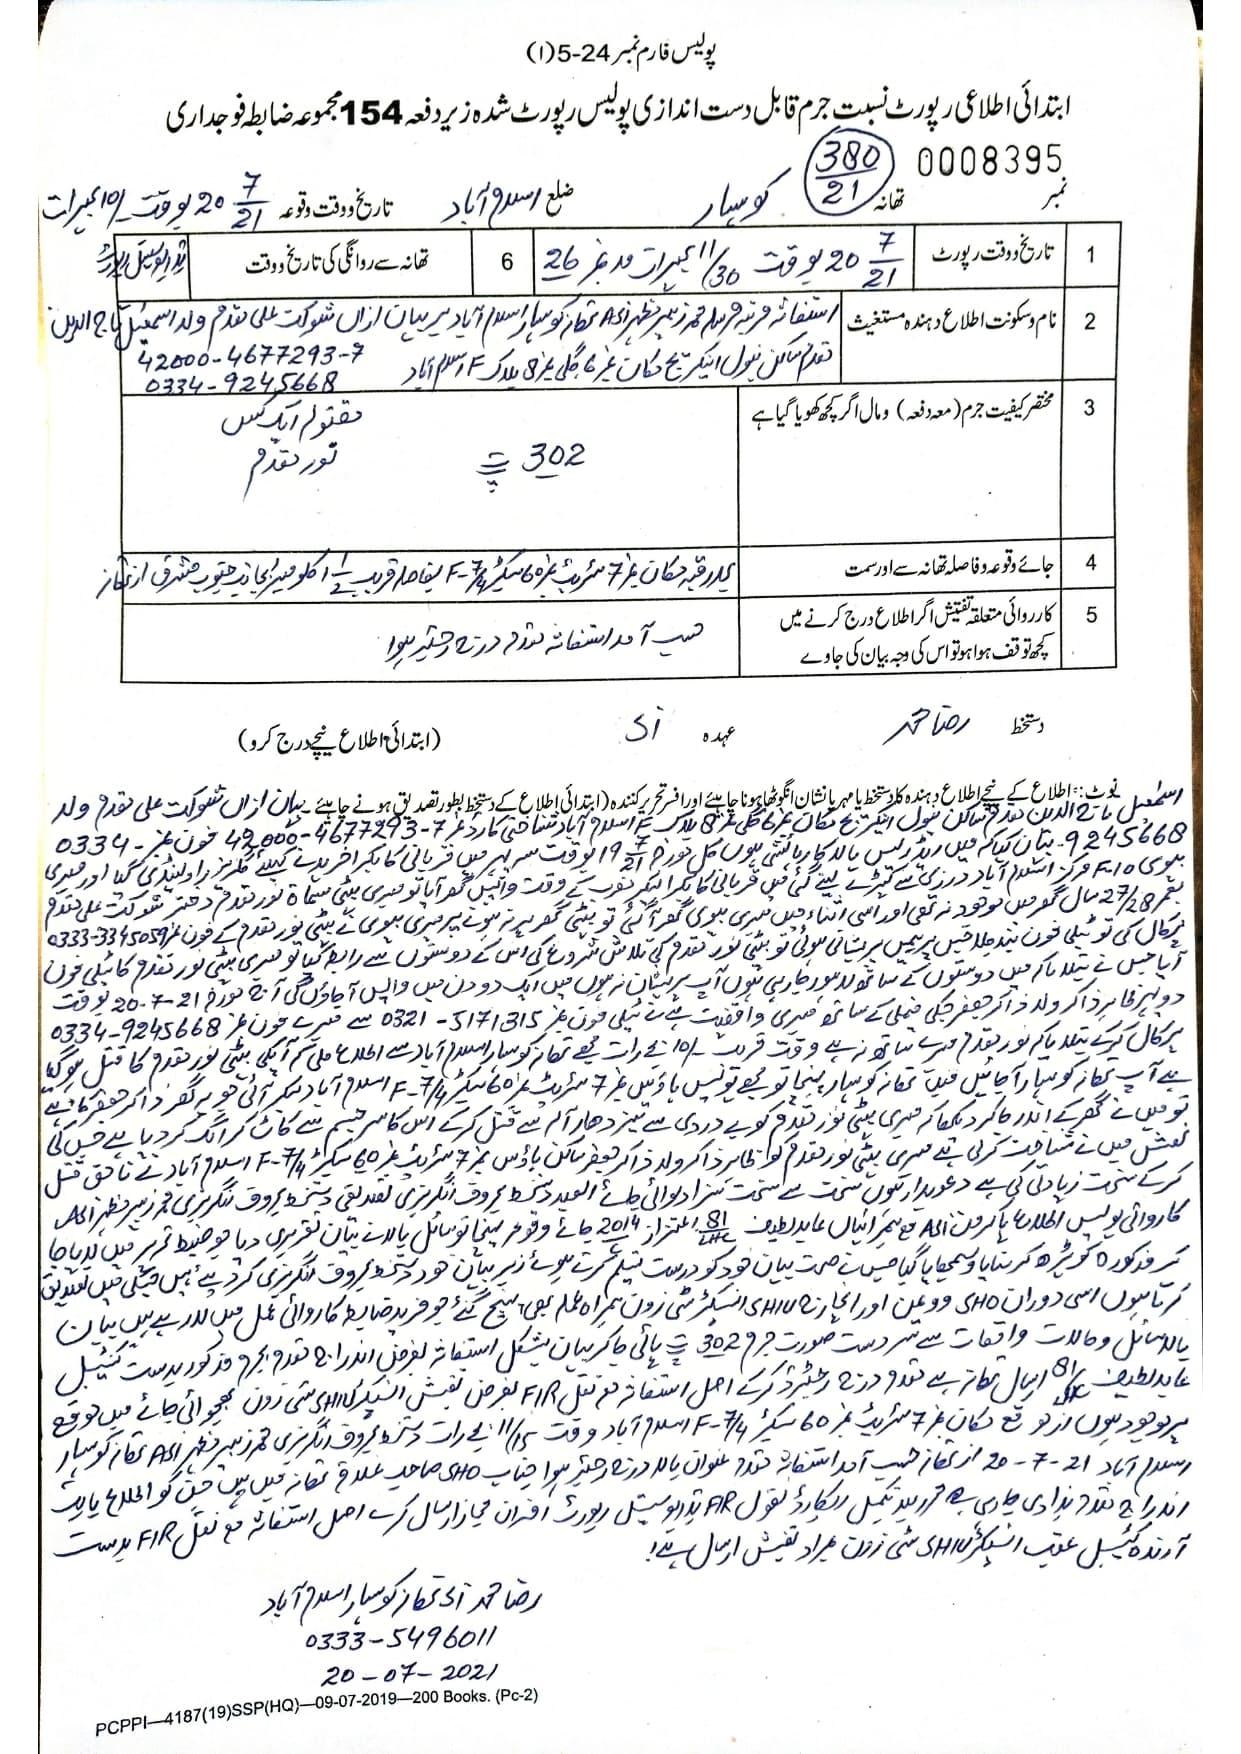 A copy of the FIR.